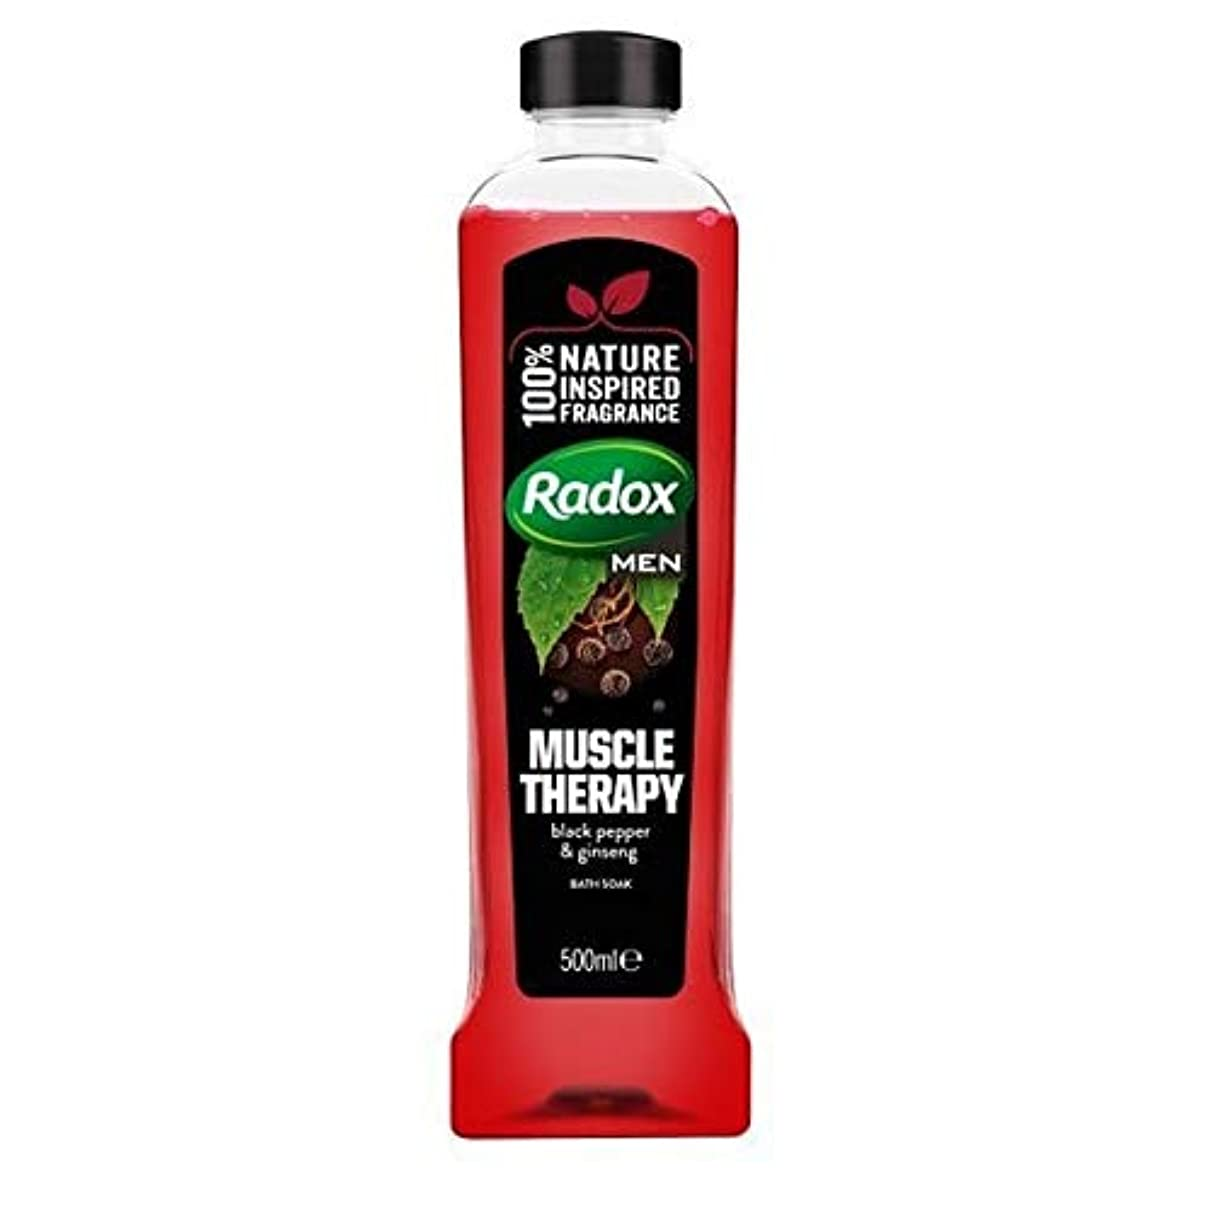 修理可能天文学ビーチ[Radox] Radoxは、500ミリリットルのソーク良い香り筋肉の治療風呂を感じます - Radox Feel Good Fragrance Muscle Therapy Bath Soak 500ml [並行輸入品]